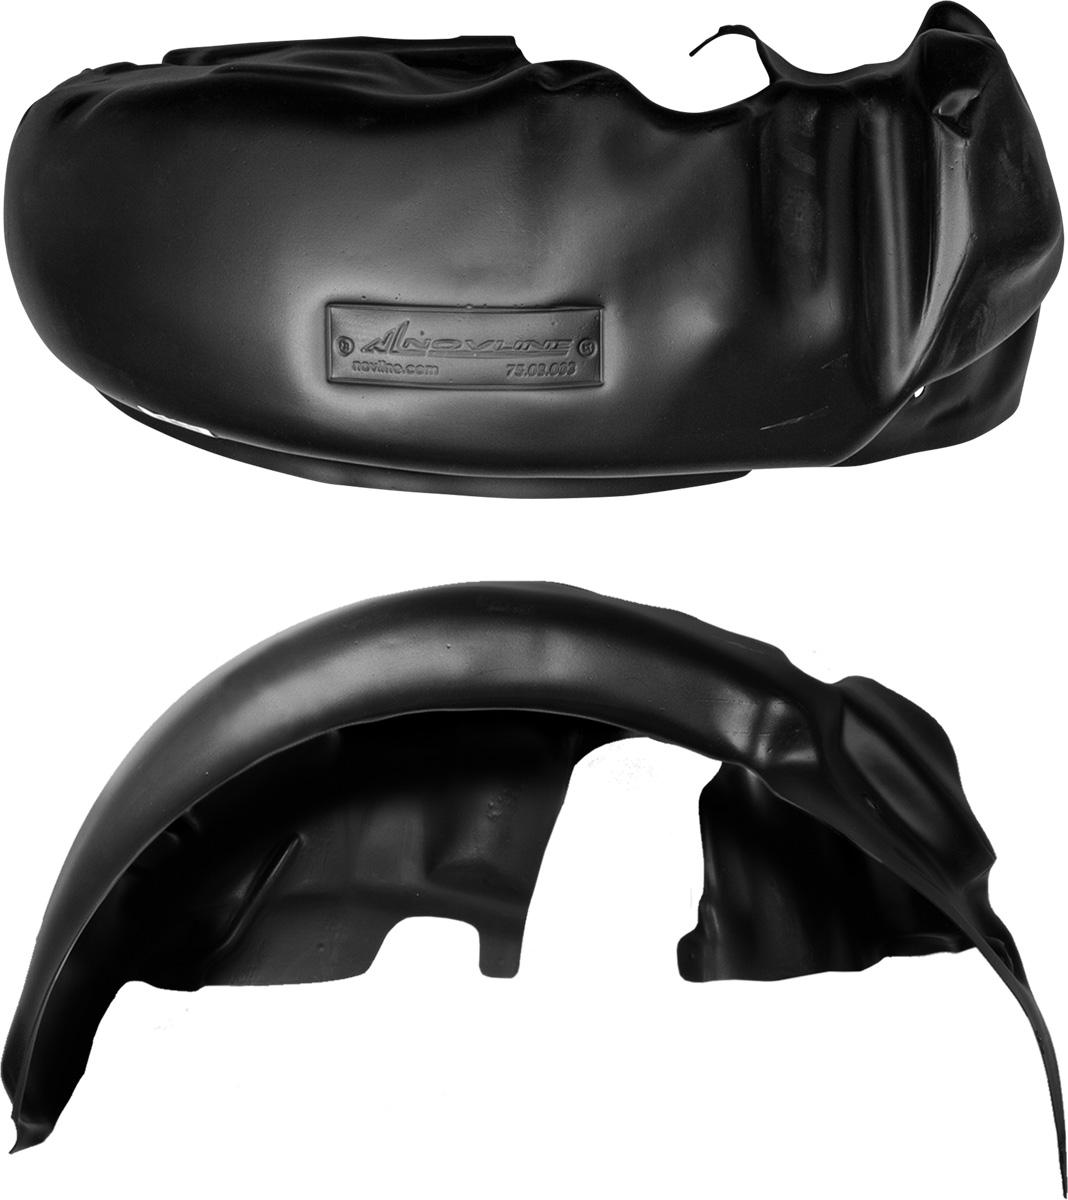 Подкрылок RENAULT Sandero 2010-07/2013, задний левыйNLL.41.18.003Колесные ниши – одни из самых уязвимых зон днища вашего автомобиля. Они постоянно подвергаются воздействию со стороны дороги. Лучшая, почти абсолютная защита для них - специально отформованные пластиковые кожухи, которые называются подкрылками, или локерами. Производятся они как для отечественных моделей автомобилей, так и для иномарок. Подкрылки выполнены из высококачественного, экологически чистого пластика. Обеспечивают надежную защиту кузова автомобиля от пескоструйного эффекта и негативного влияния, агрессивных антигололедных реагентов. Пластик обладает более низкой теплопроводностью, чем металл, поэтому в зимний период эксплуатации использование пластиковых подкрылков позволяет лучше защитить колесные ниши от налипания снега и образования наледи. Оригинальность конструкции подчеркивает элегантность автомобиля, бережно защищает нанесенное на днище кузова антикоррозийное покрытие и позволяет осуществить крепление подкрылков внутри колесной арки практически без дополнительного...